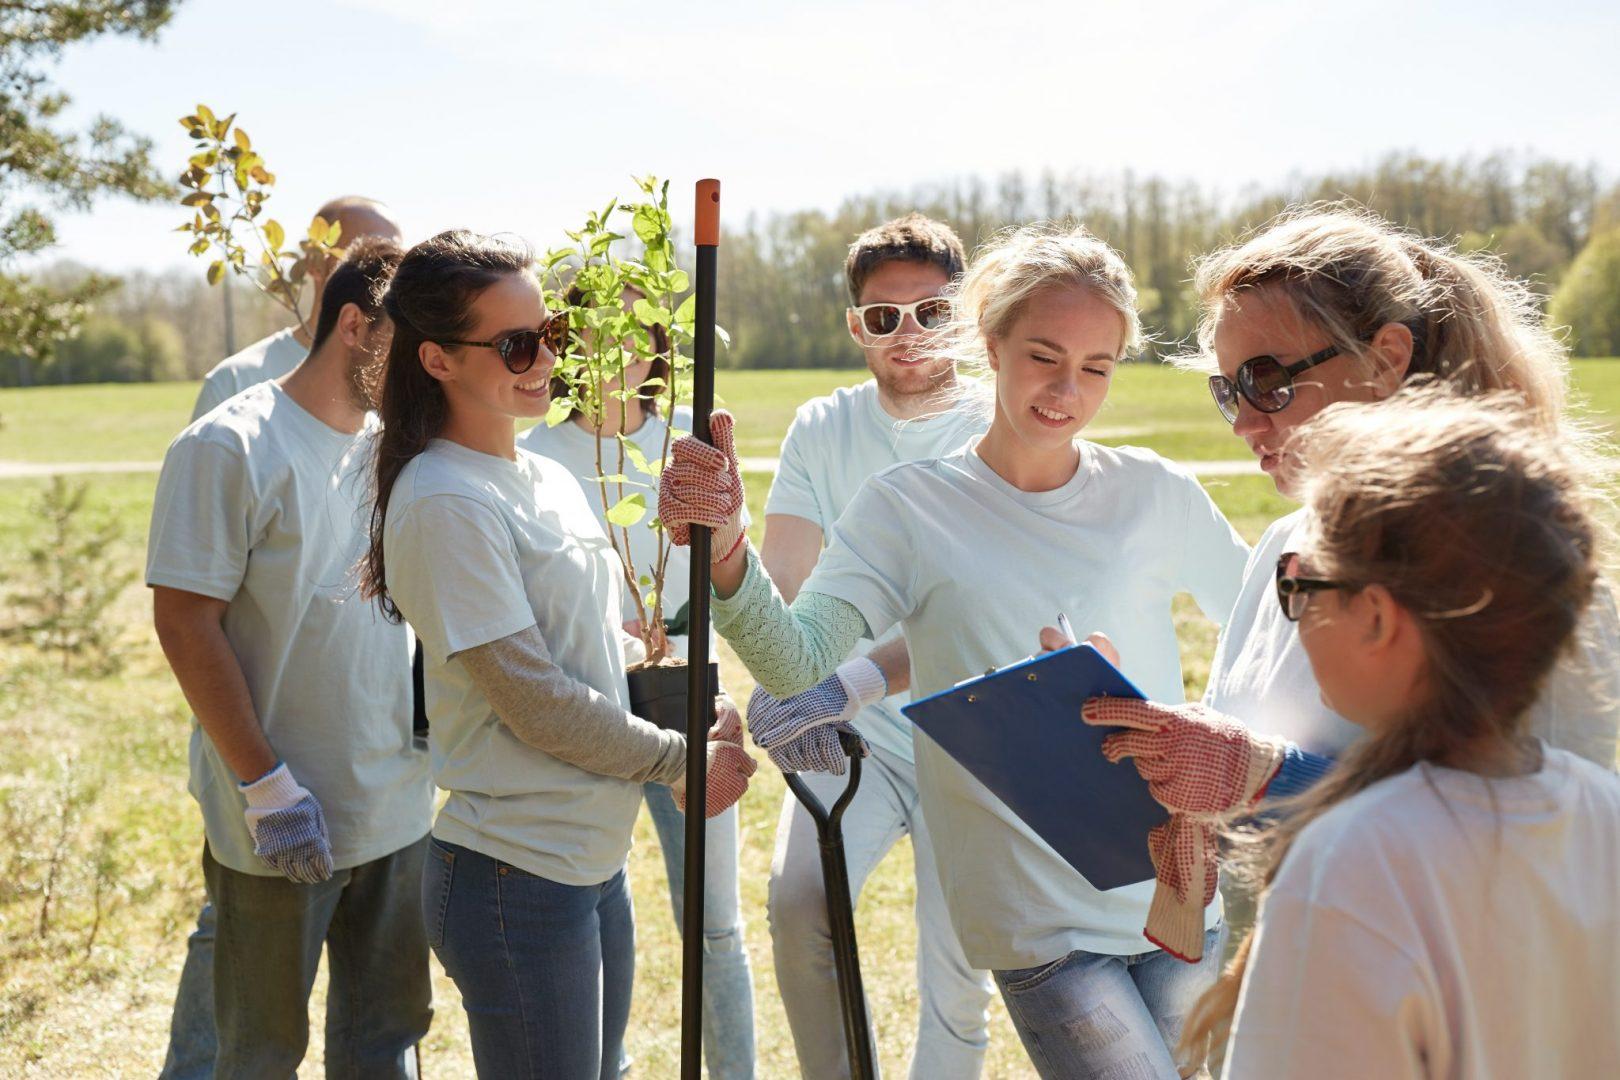 Unge medlemmer av en frivlillig organisasjon jobber med å plante trær